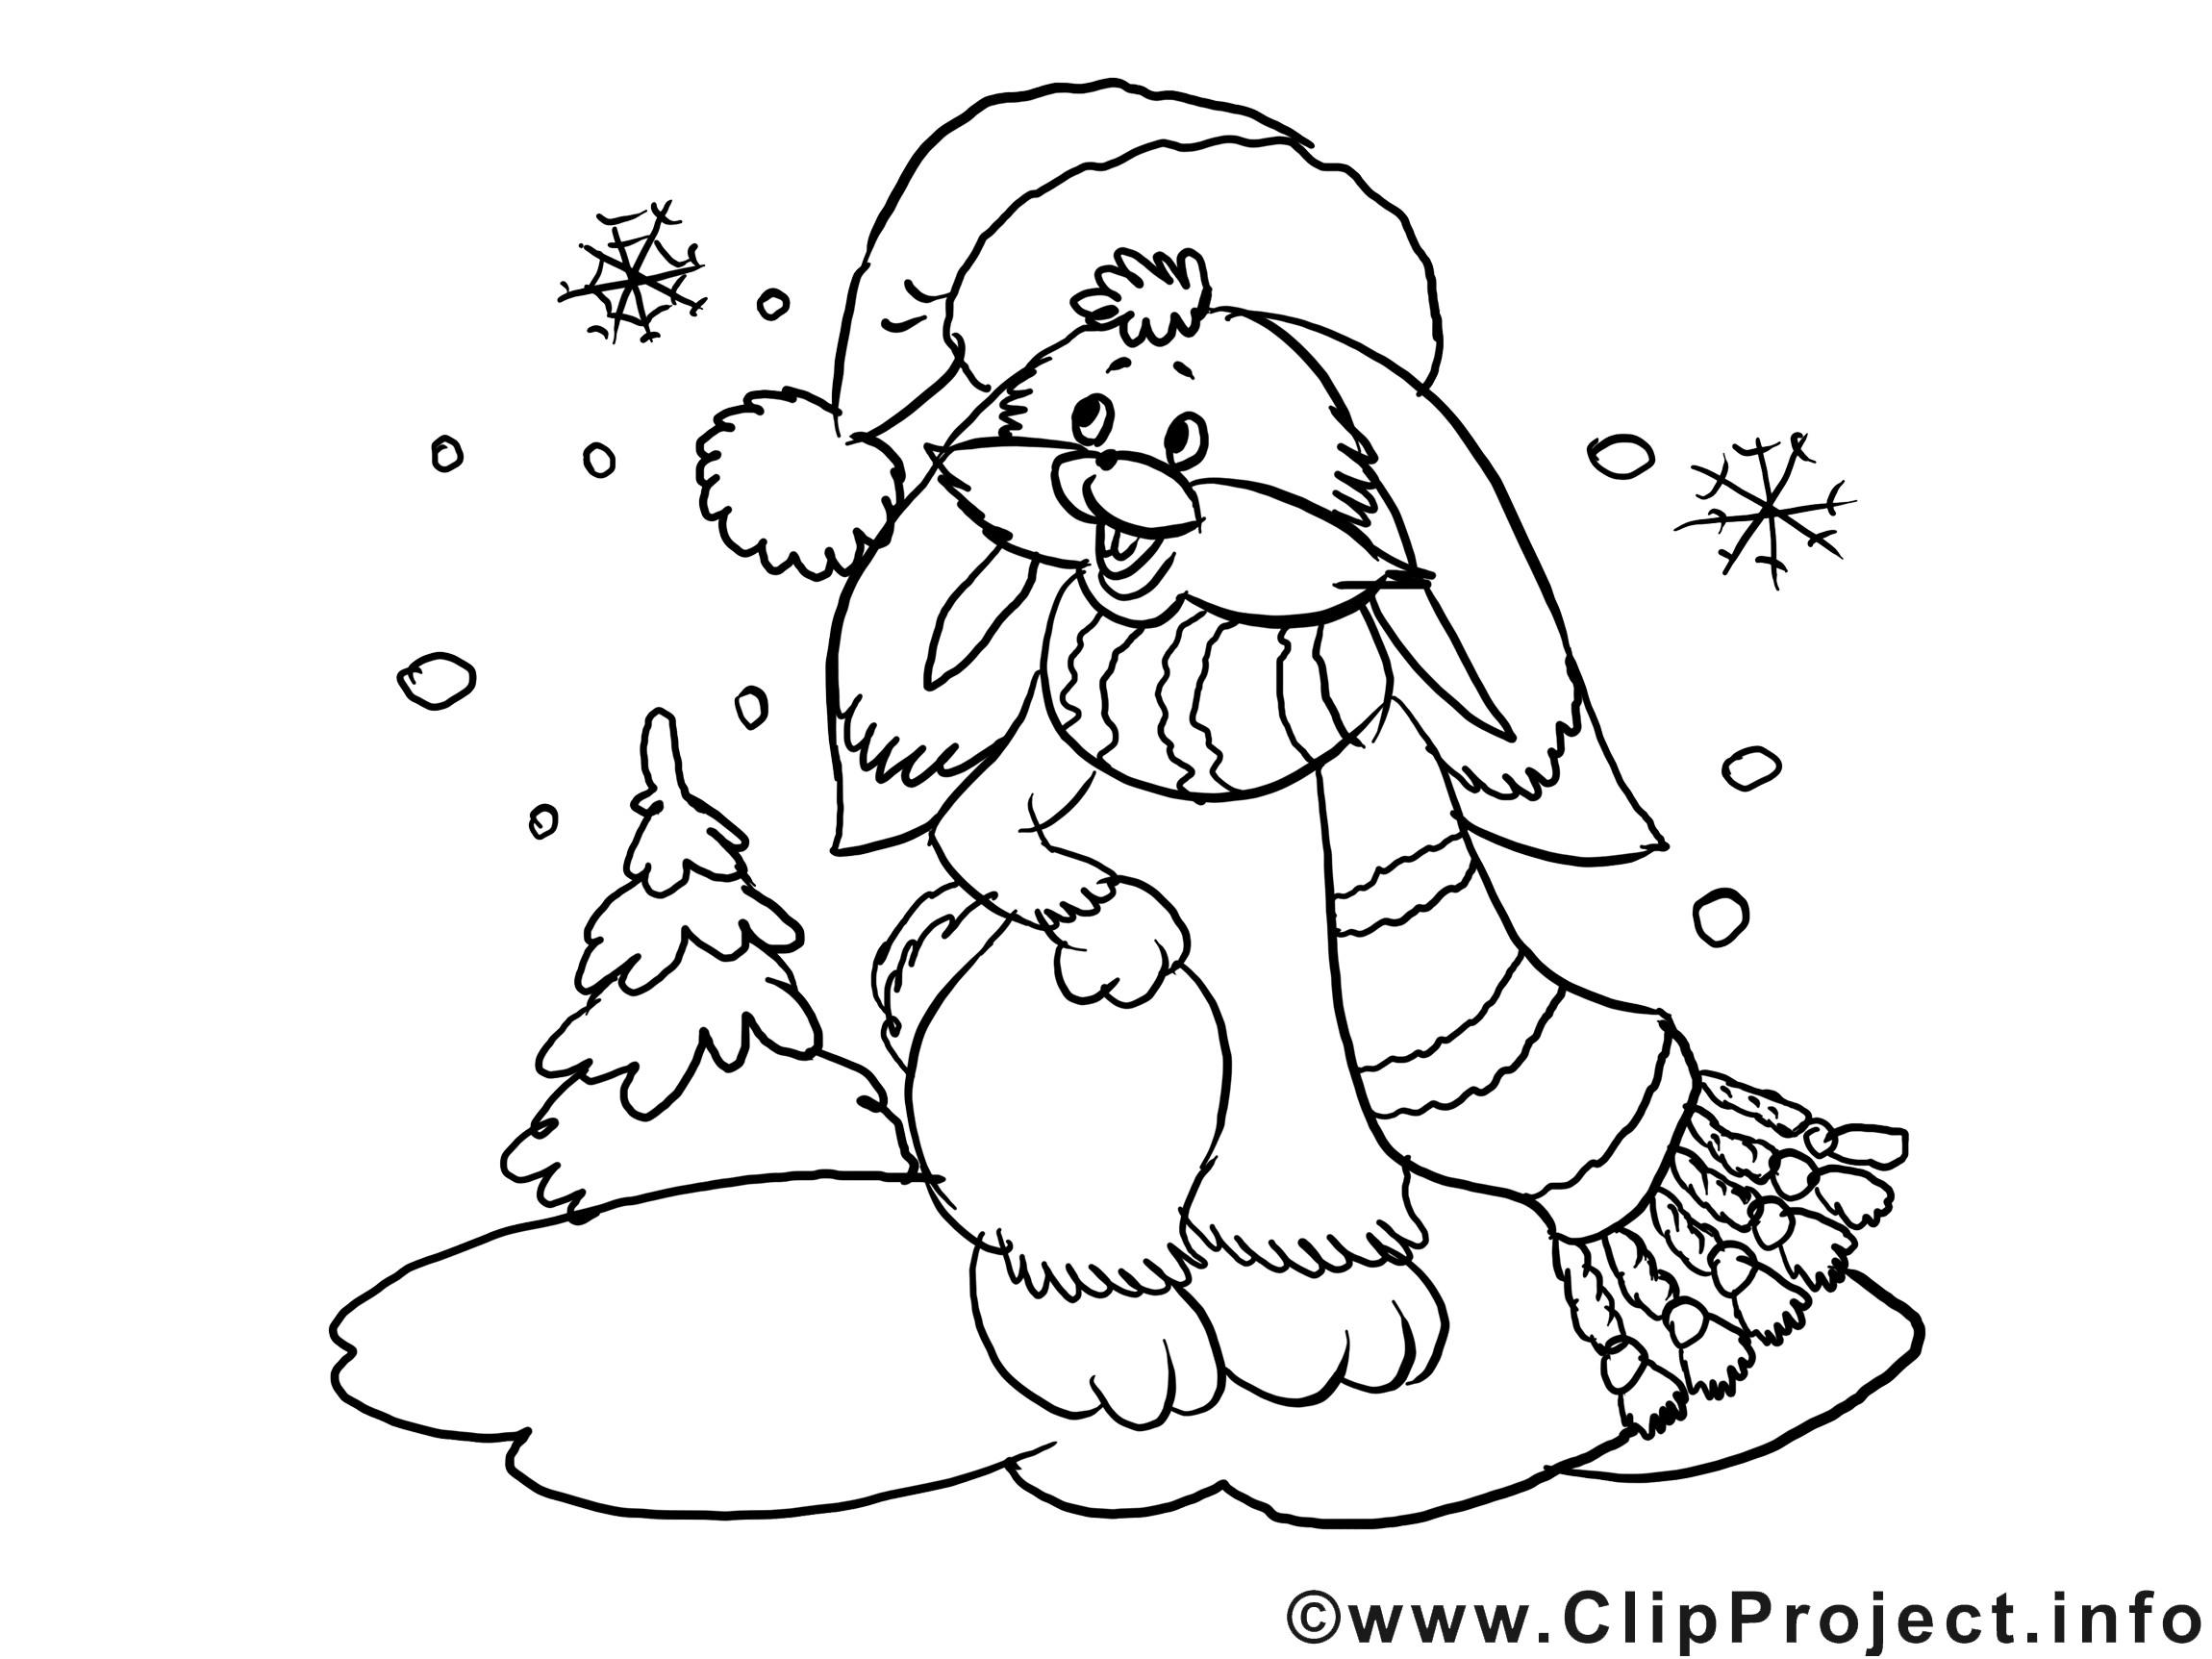 Malvorlagen Weihnachten Winter Einzigartig Kostenloses Ausmalbild Hase Im Winter Inside Malvorlagen Stock